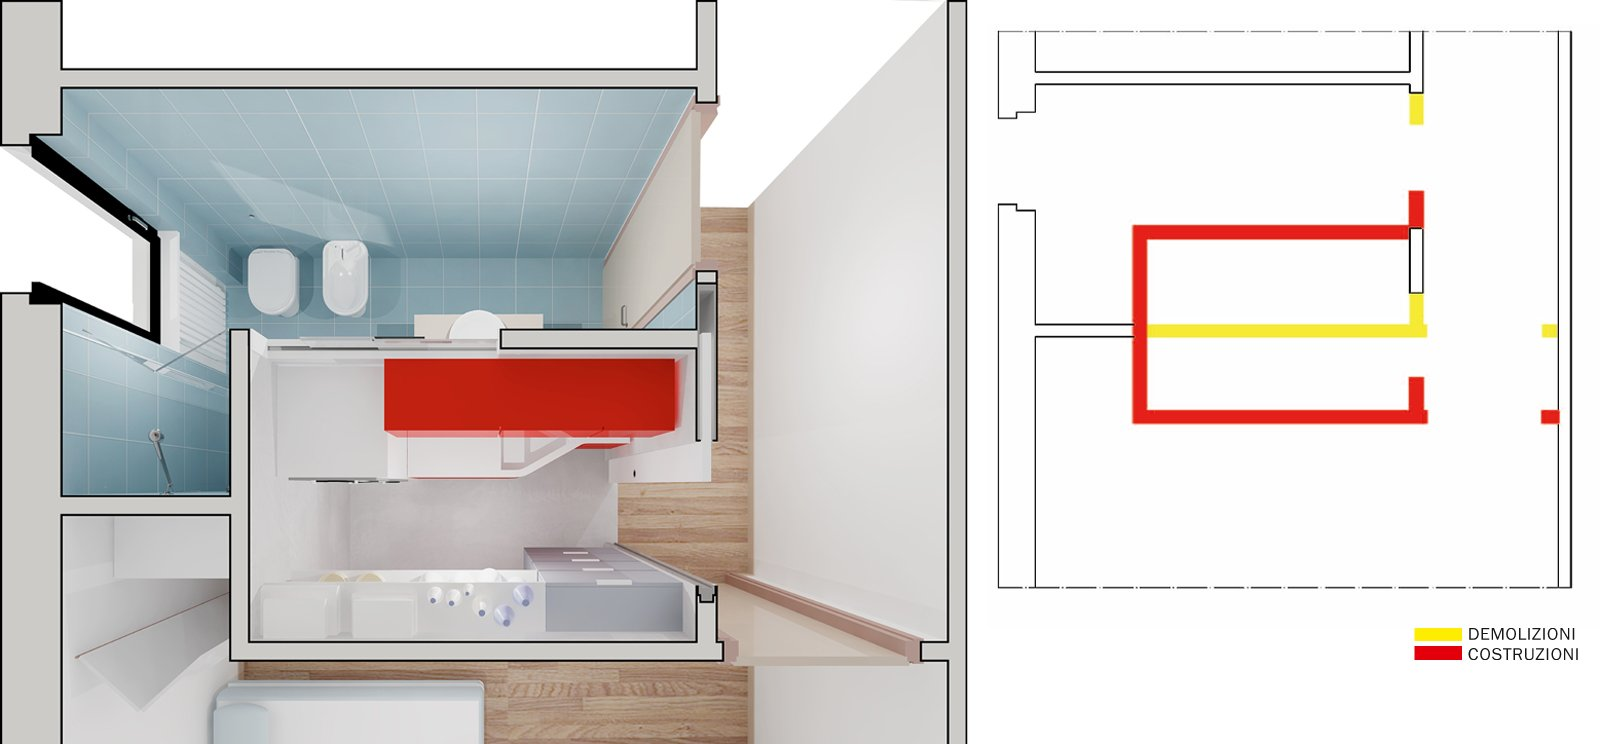 Lavanderia in 3 mq come la ricavo e quanto costa cose - Lavanderia in bagno ...